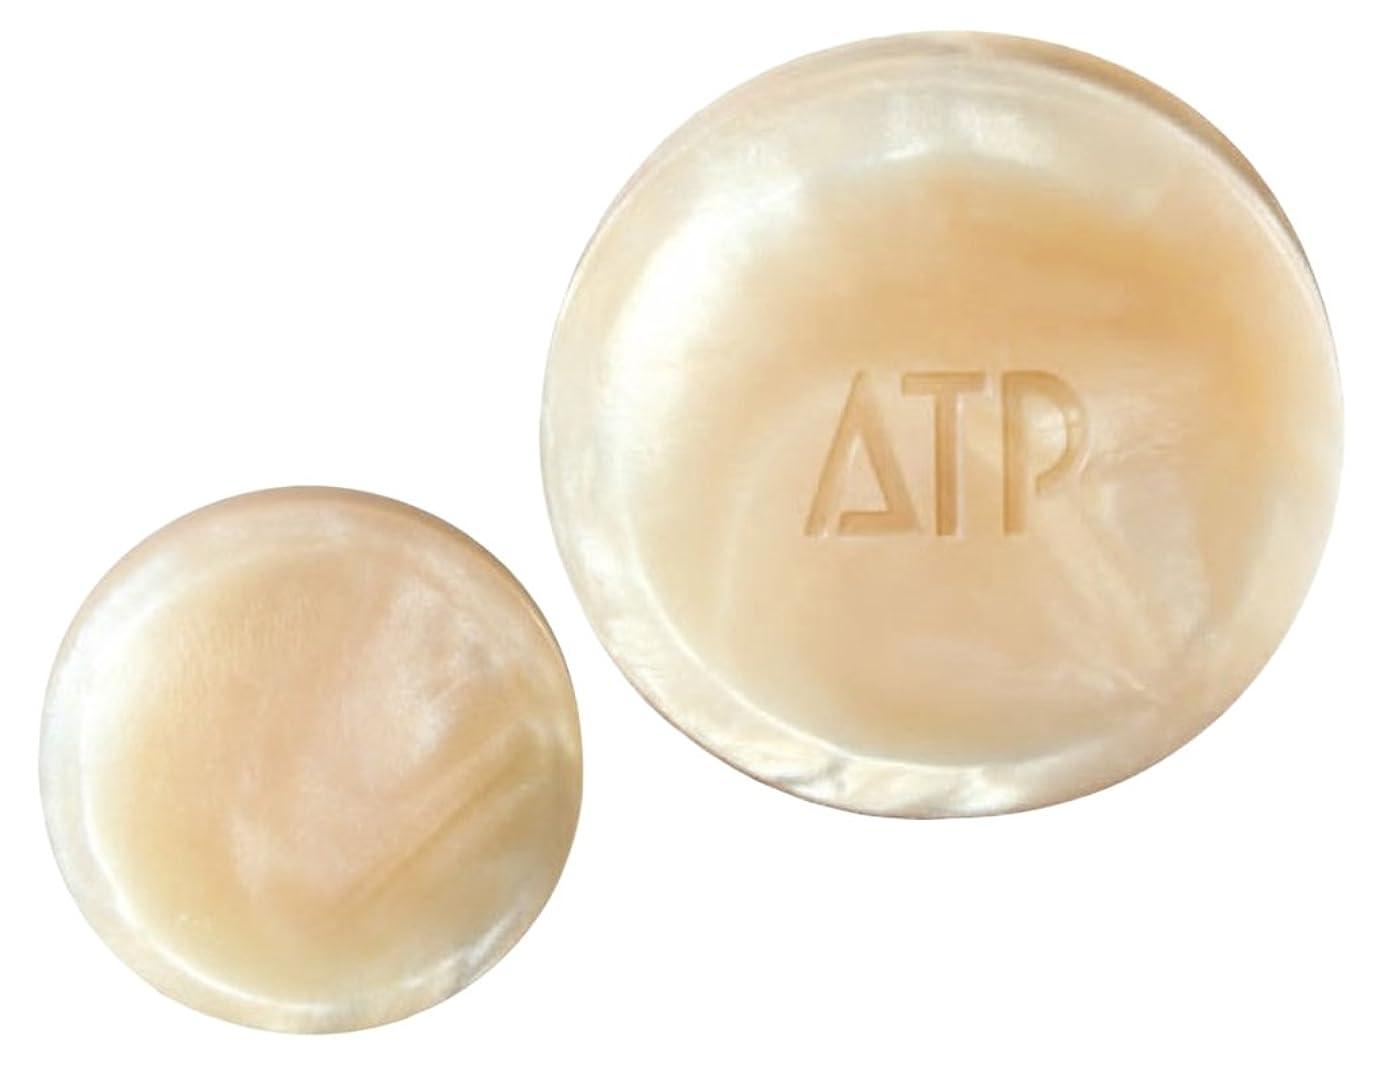 いたずら毛布東方薬用ATP デリケアソープ 30g (全身用洗浄石けん?枠練り) [医薬部外品]